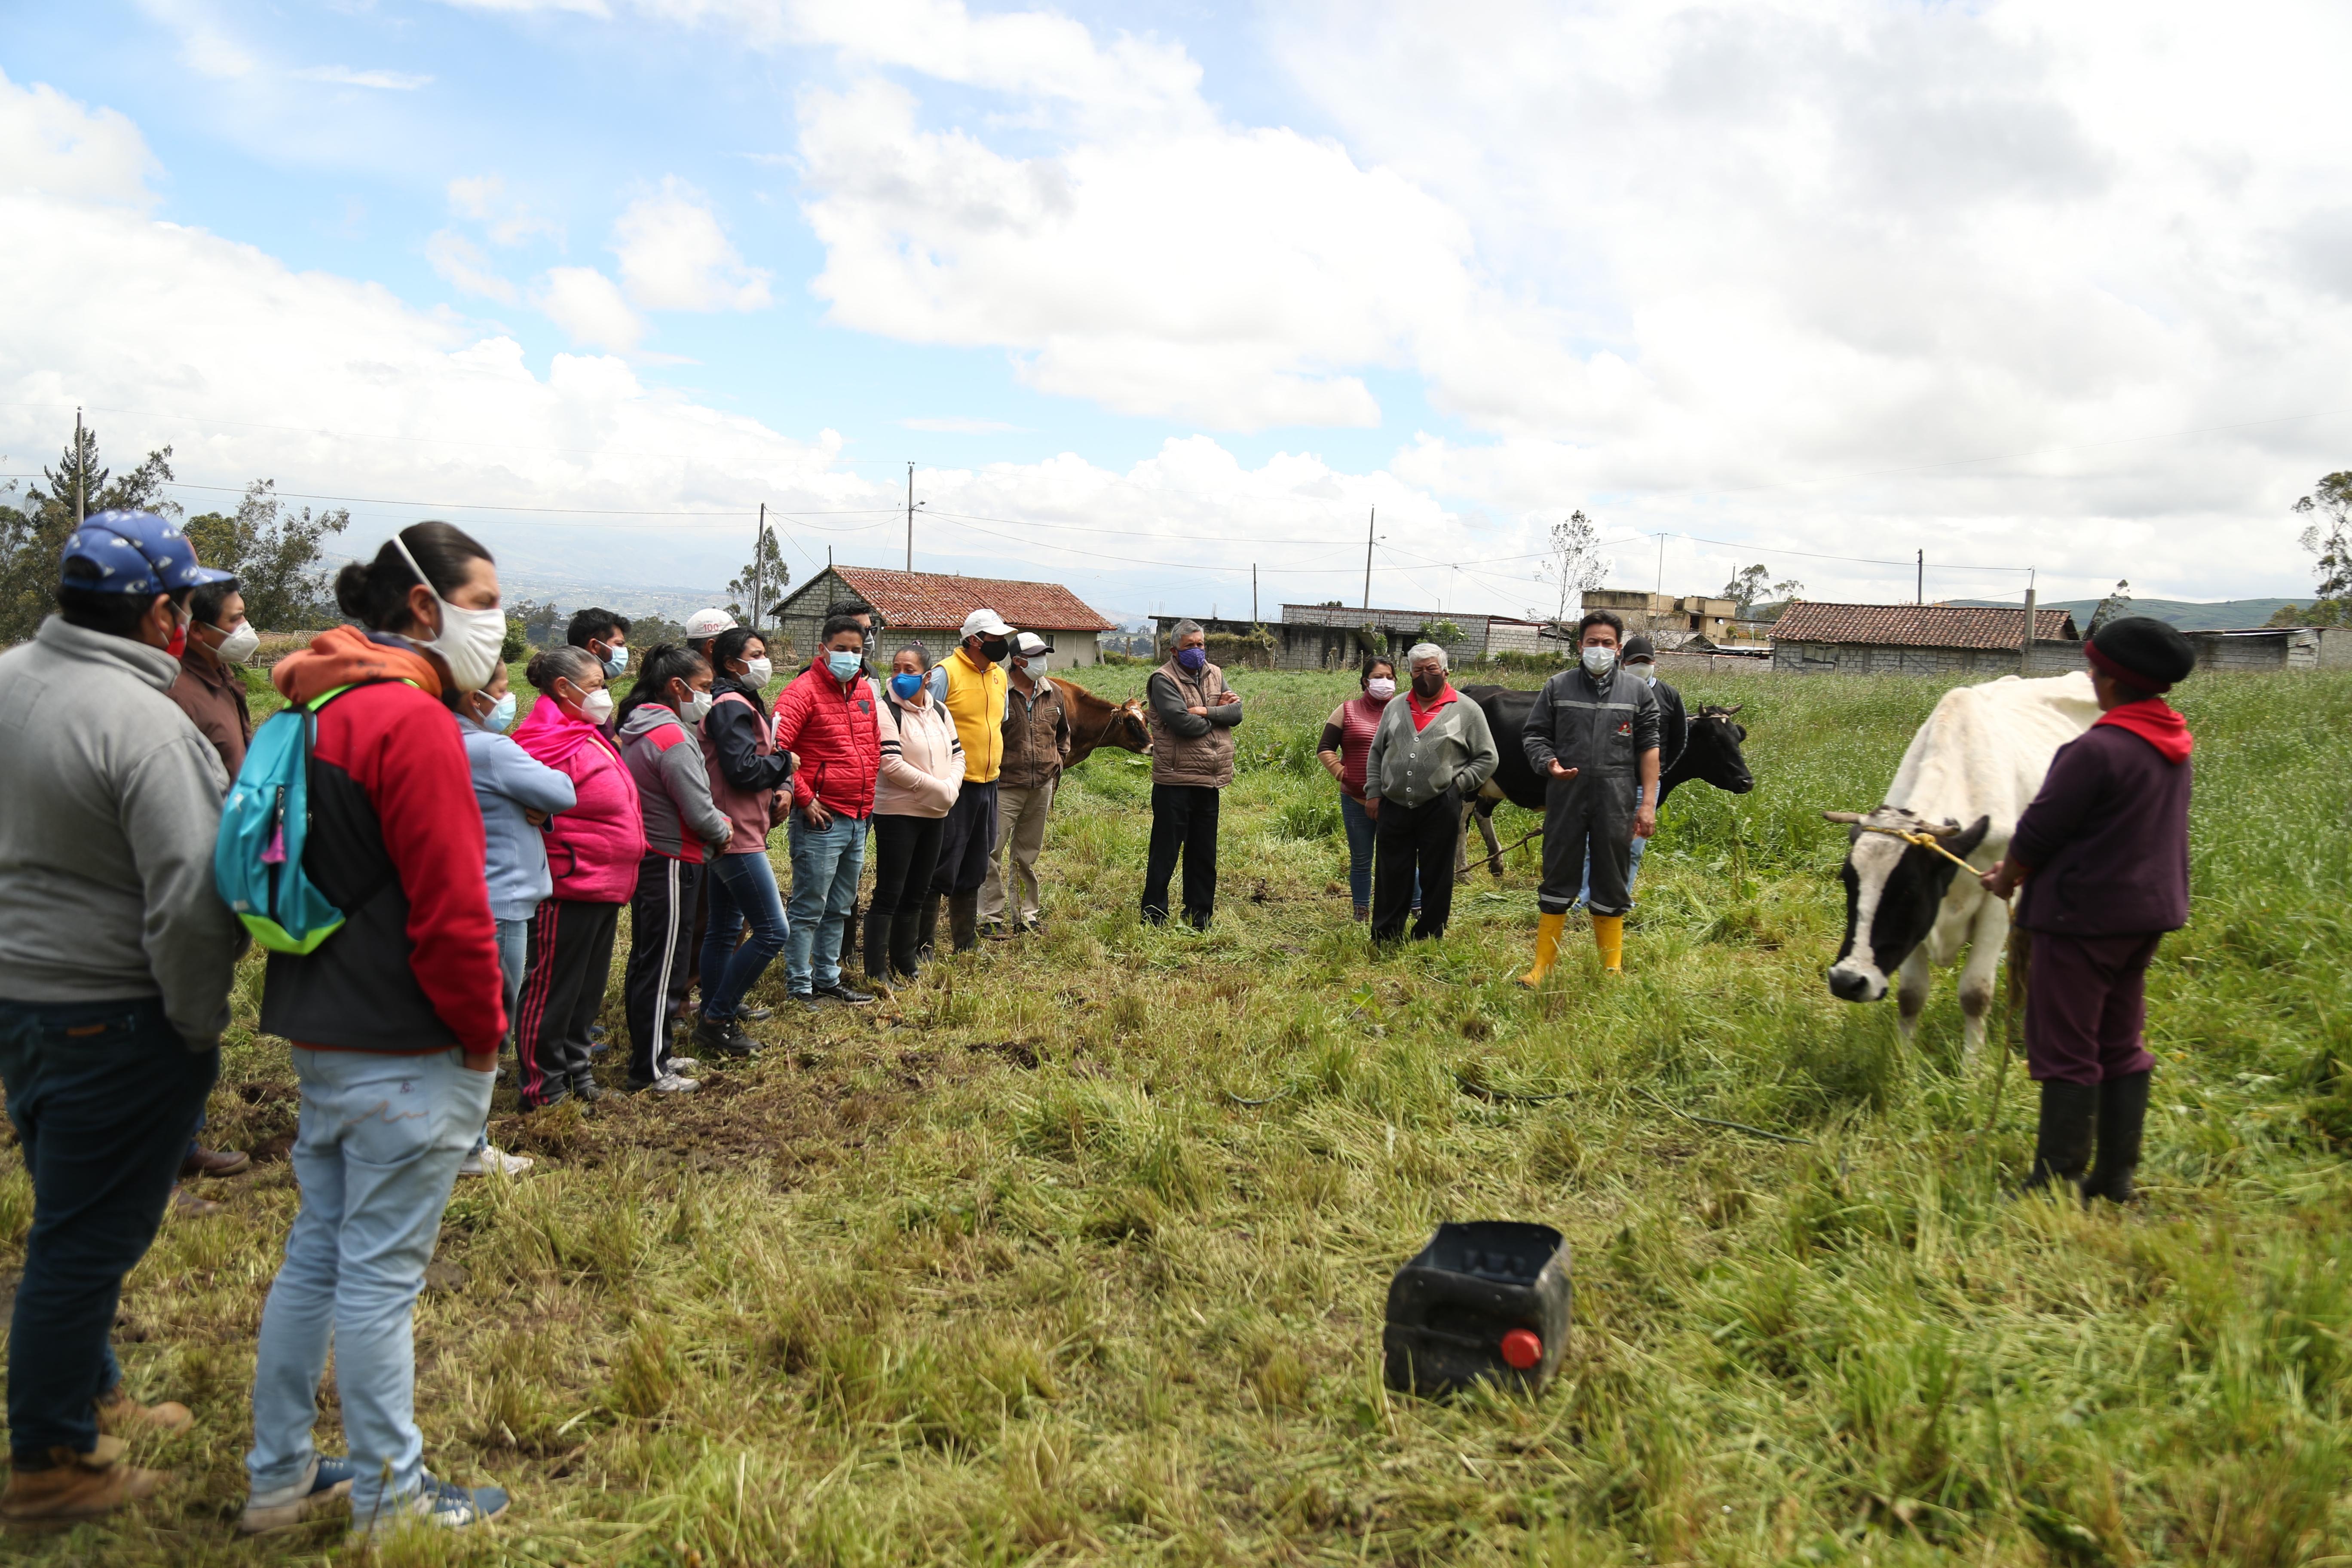 Ganaderos de la parroquia Marcos Espinel se capacitaron sobre reproducción bovina